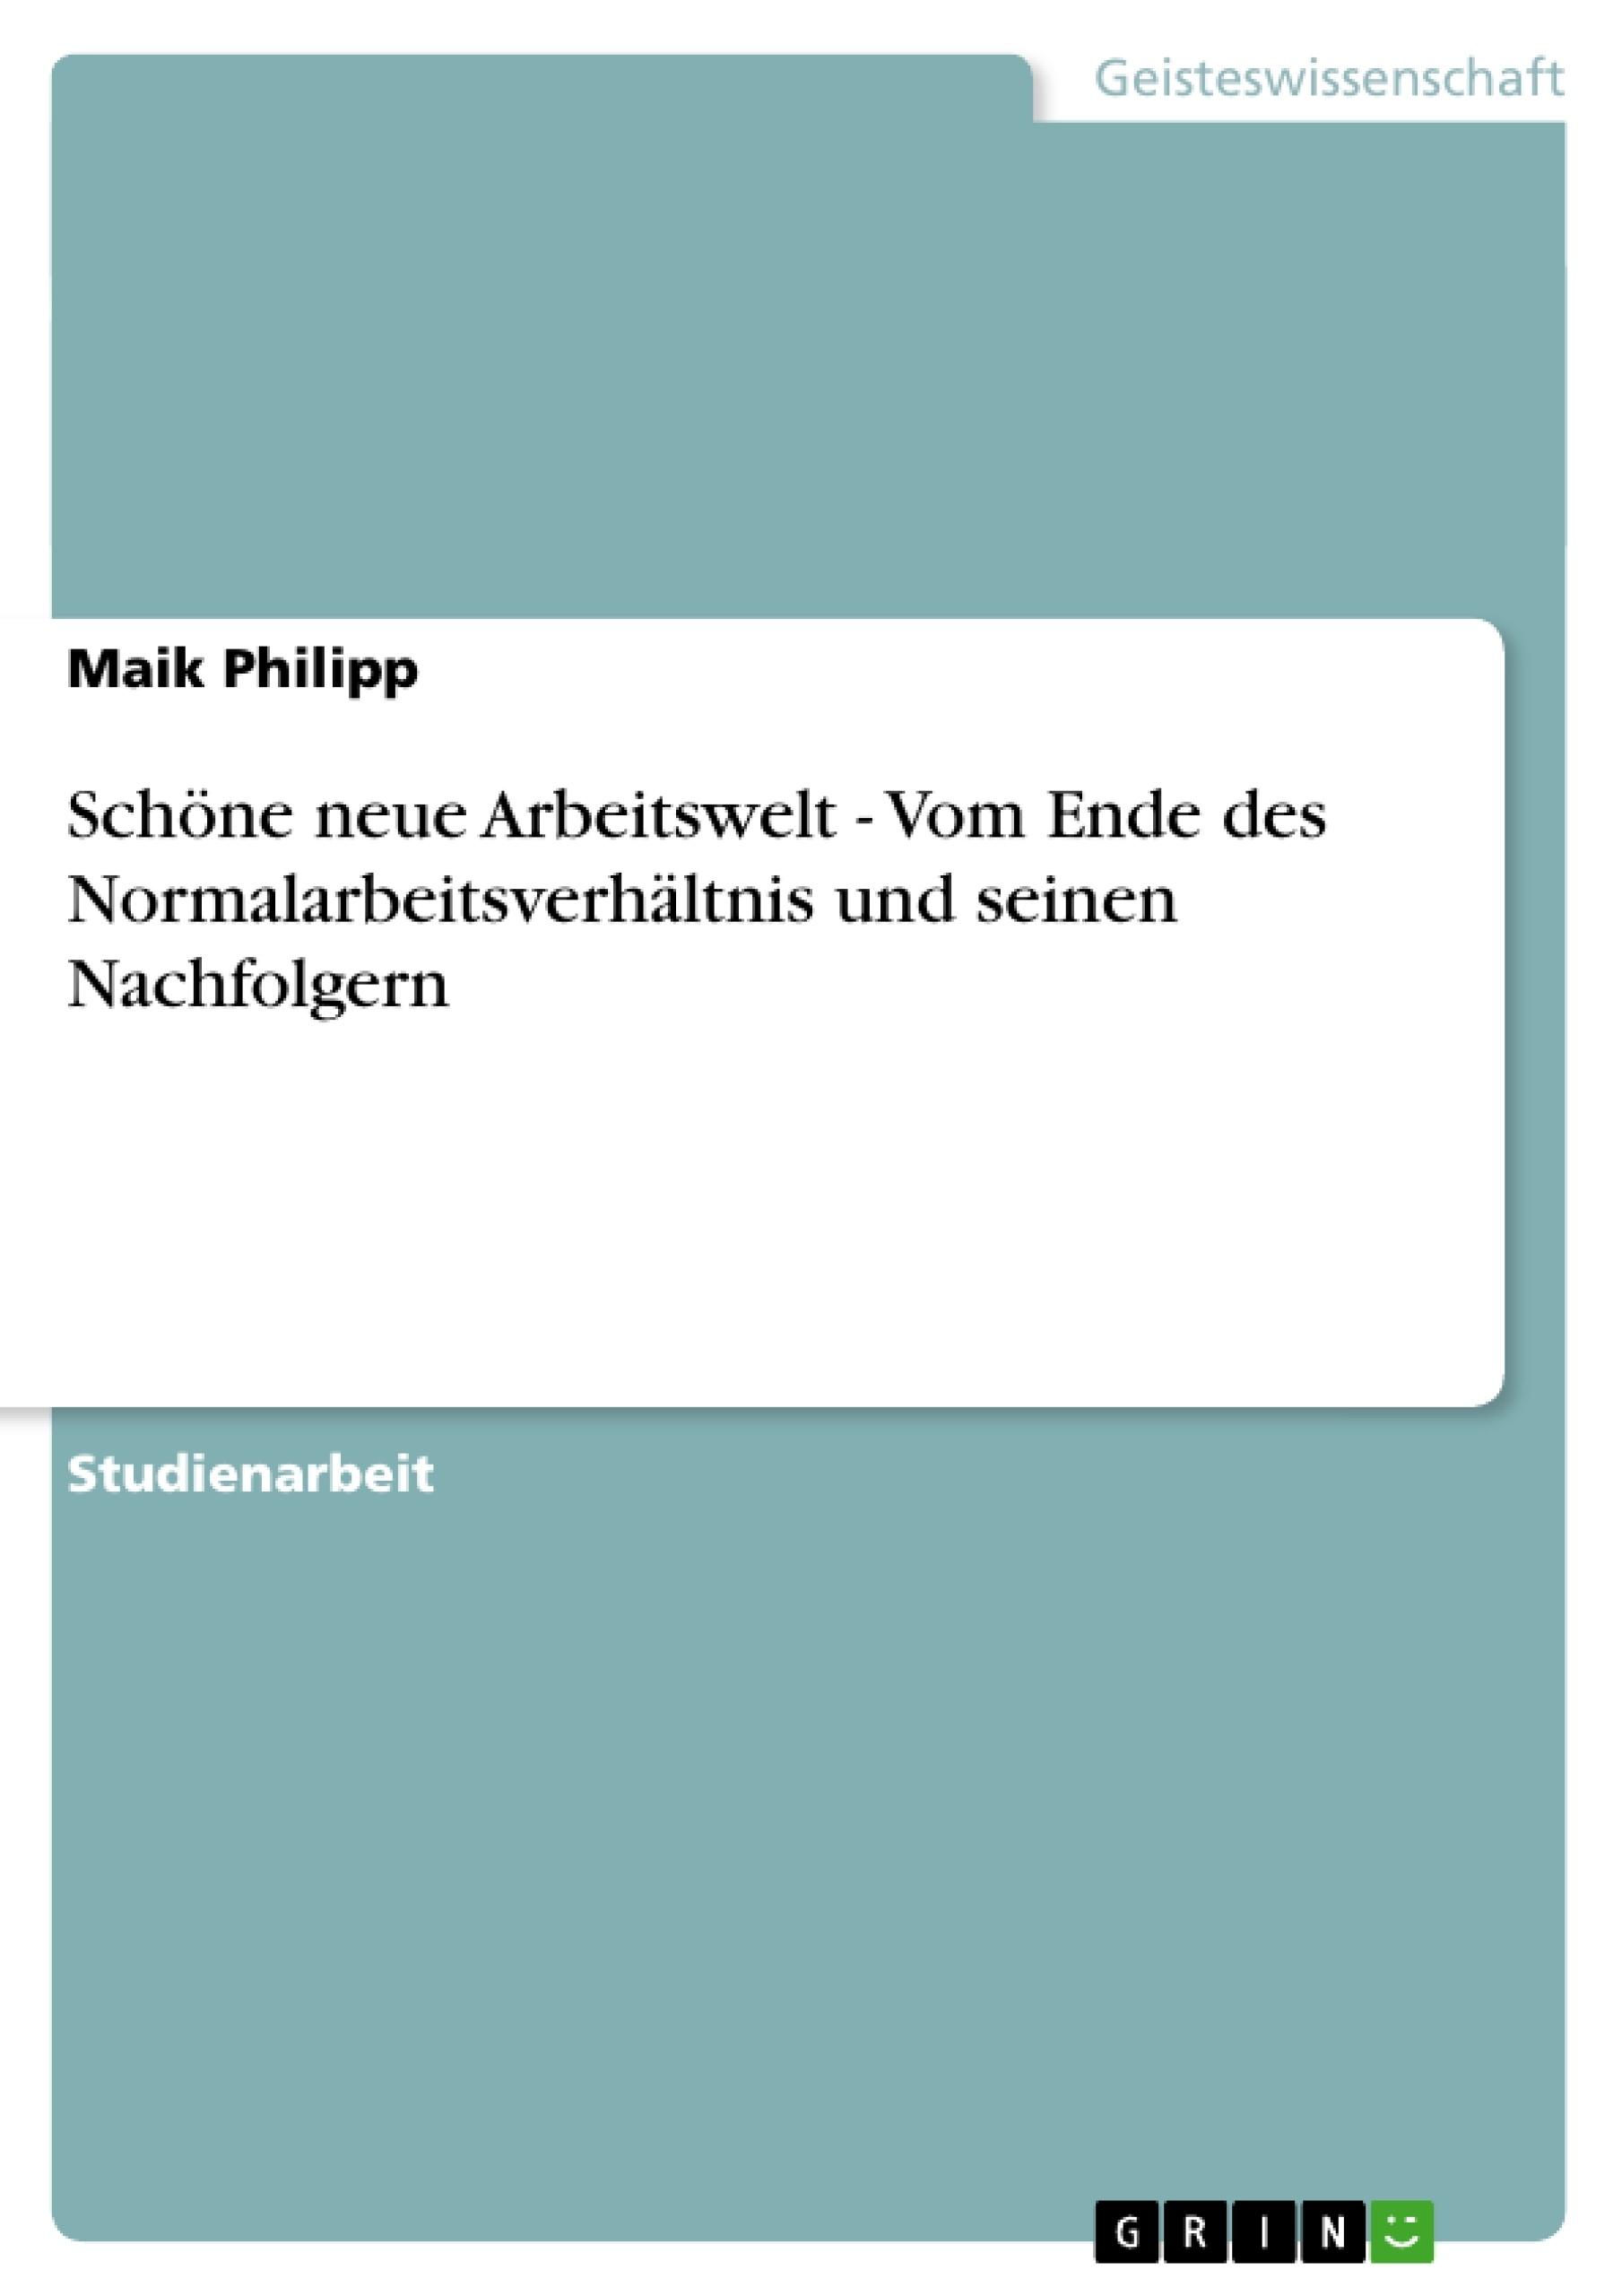 Titel: Schöne neue Arbeitswelt - Vom Ende des Normalarbeitsverhältnis und seinen Nachfolgern